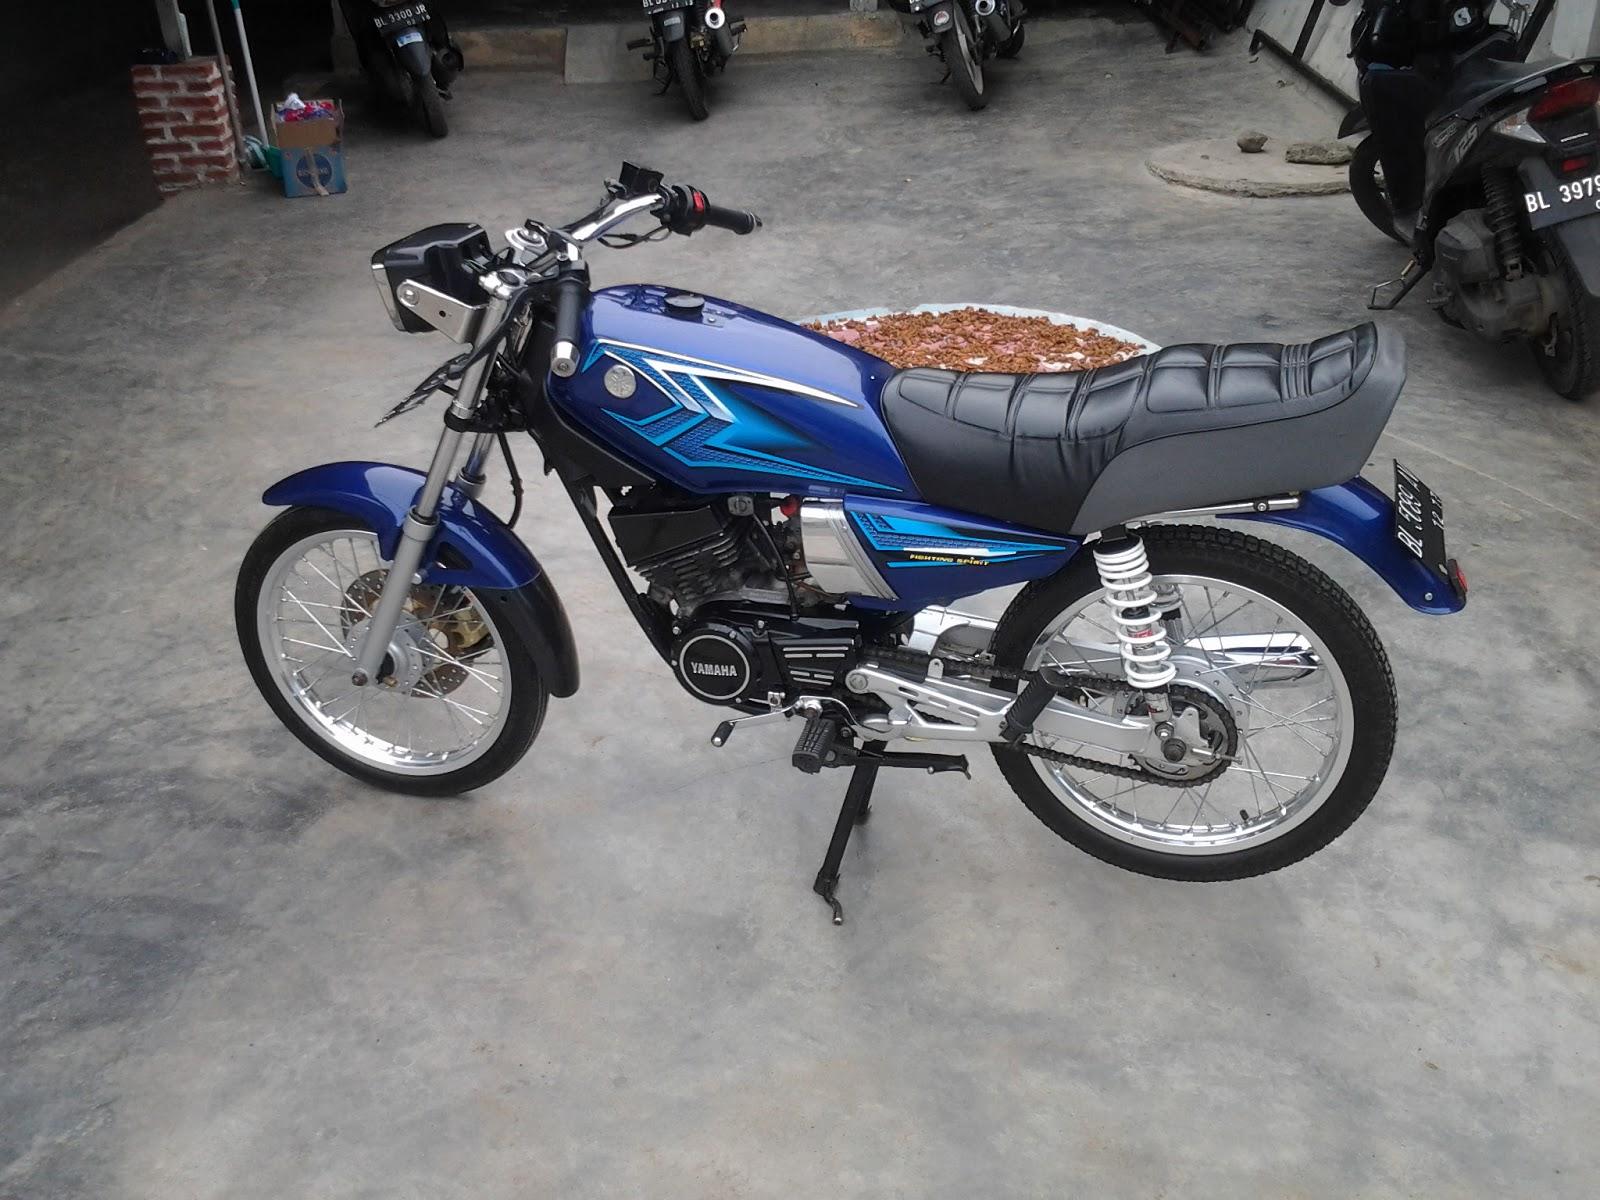 Daftar Harga Sepeda Motor Honda Supra X 125 Bekas